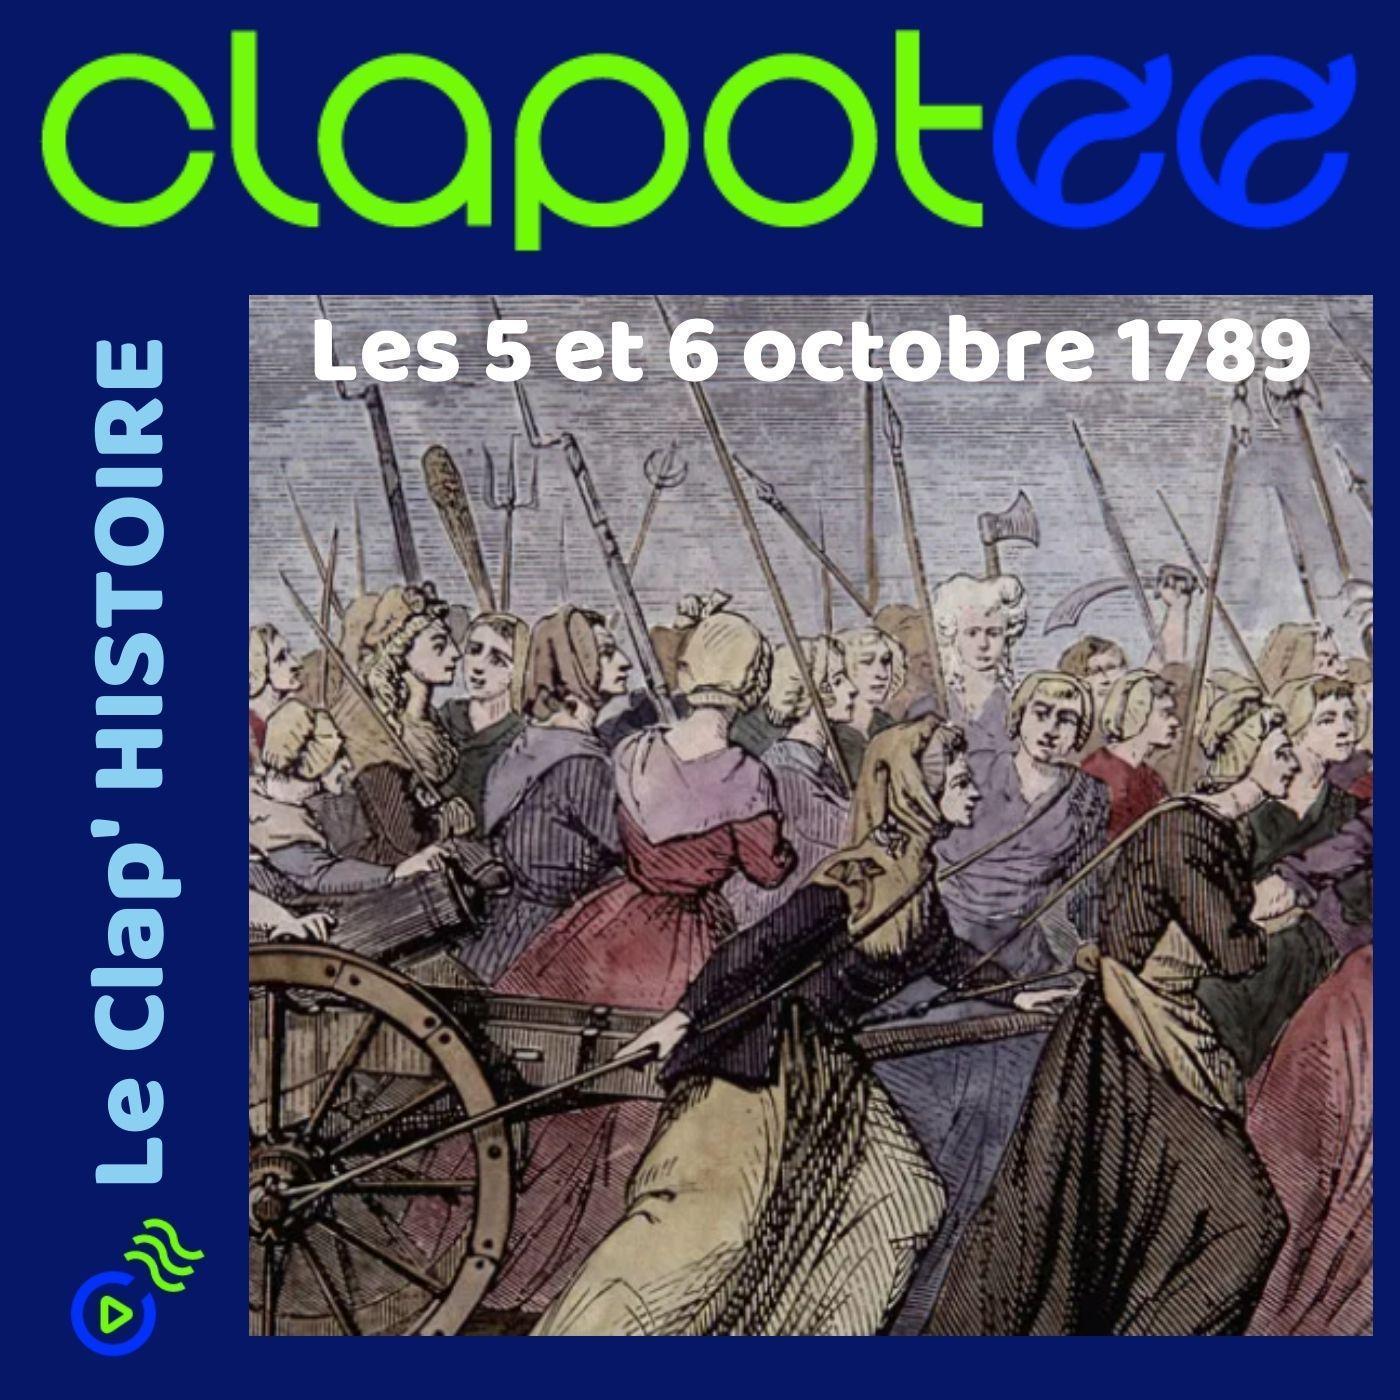 Episode 7 : Les journées du 5 et 6 octobre 1789